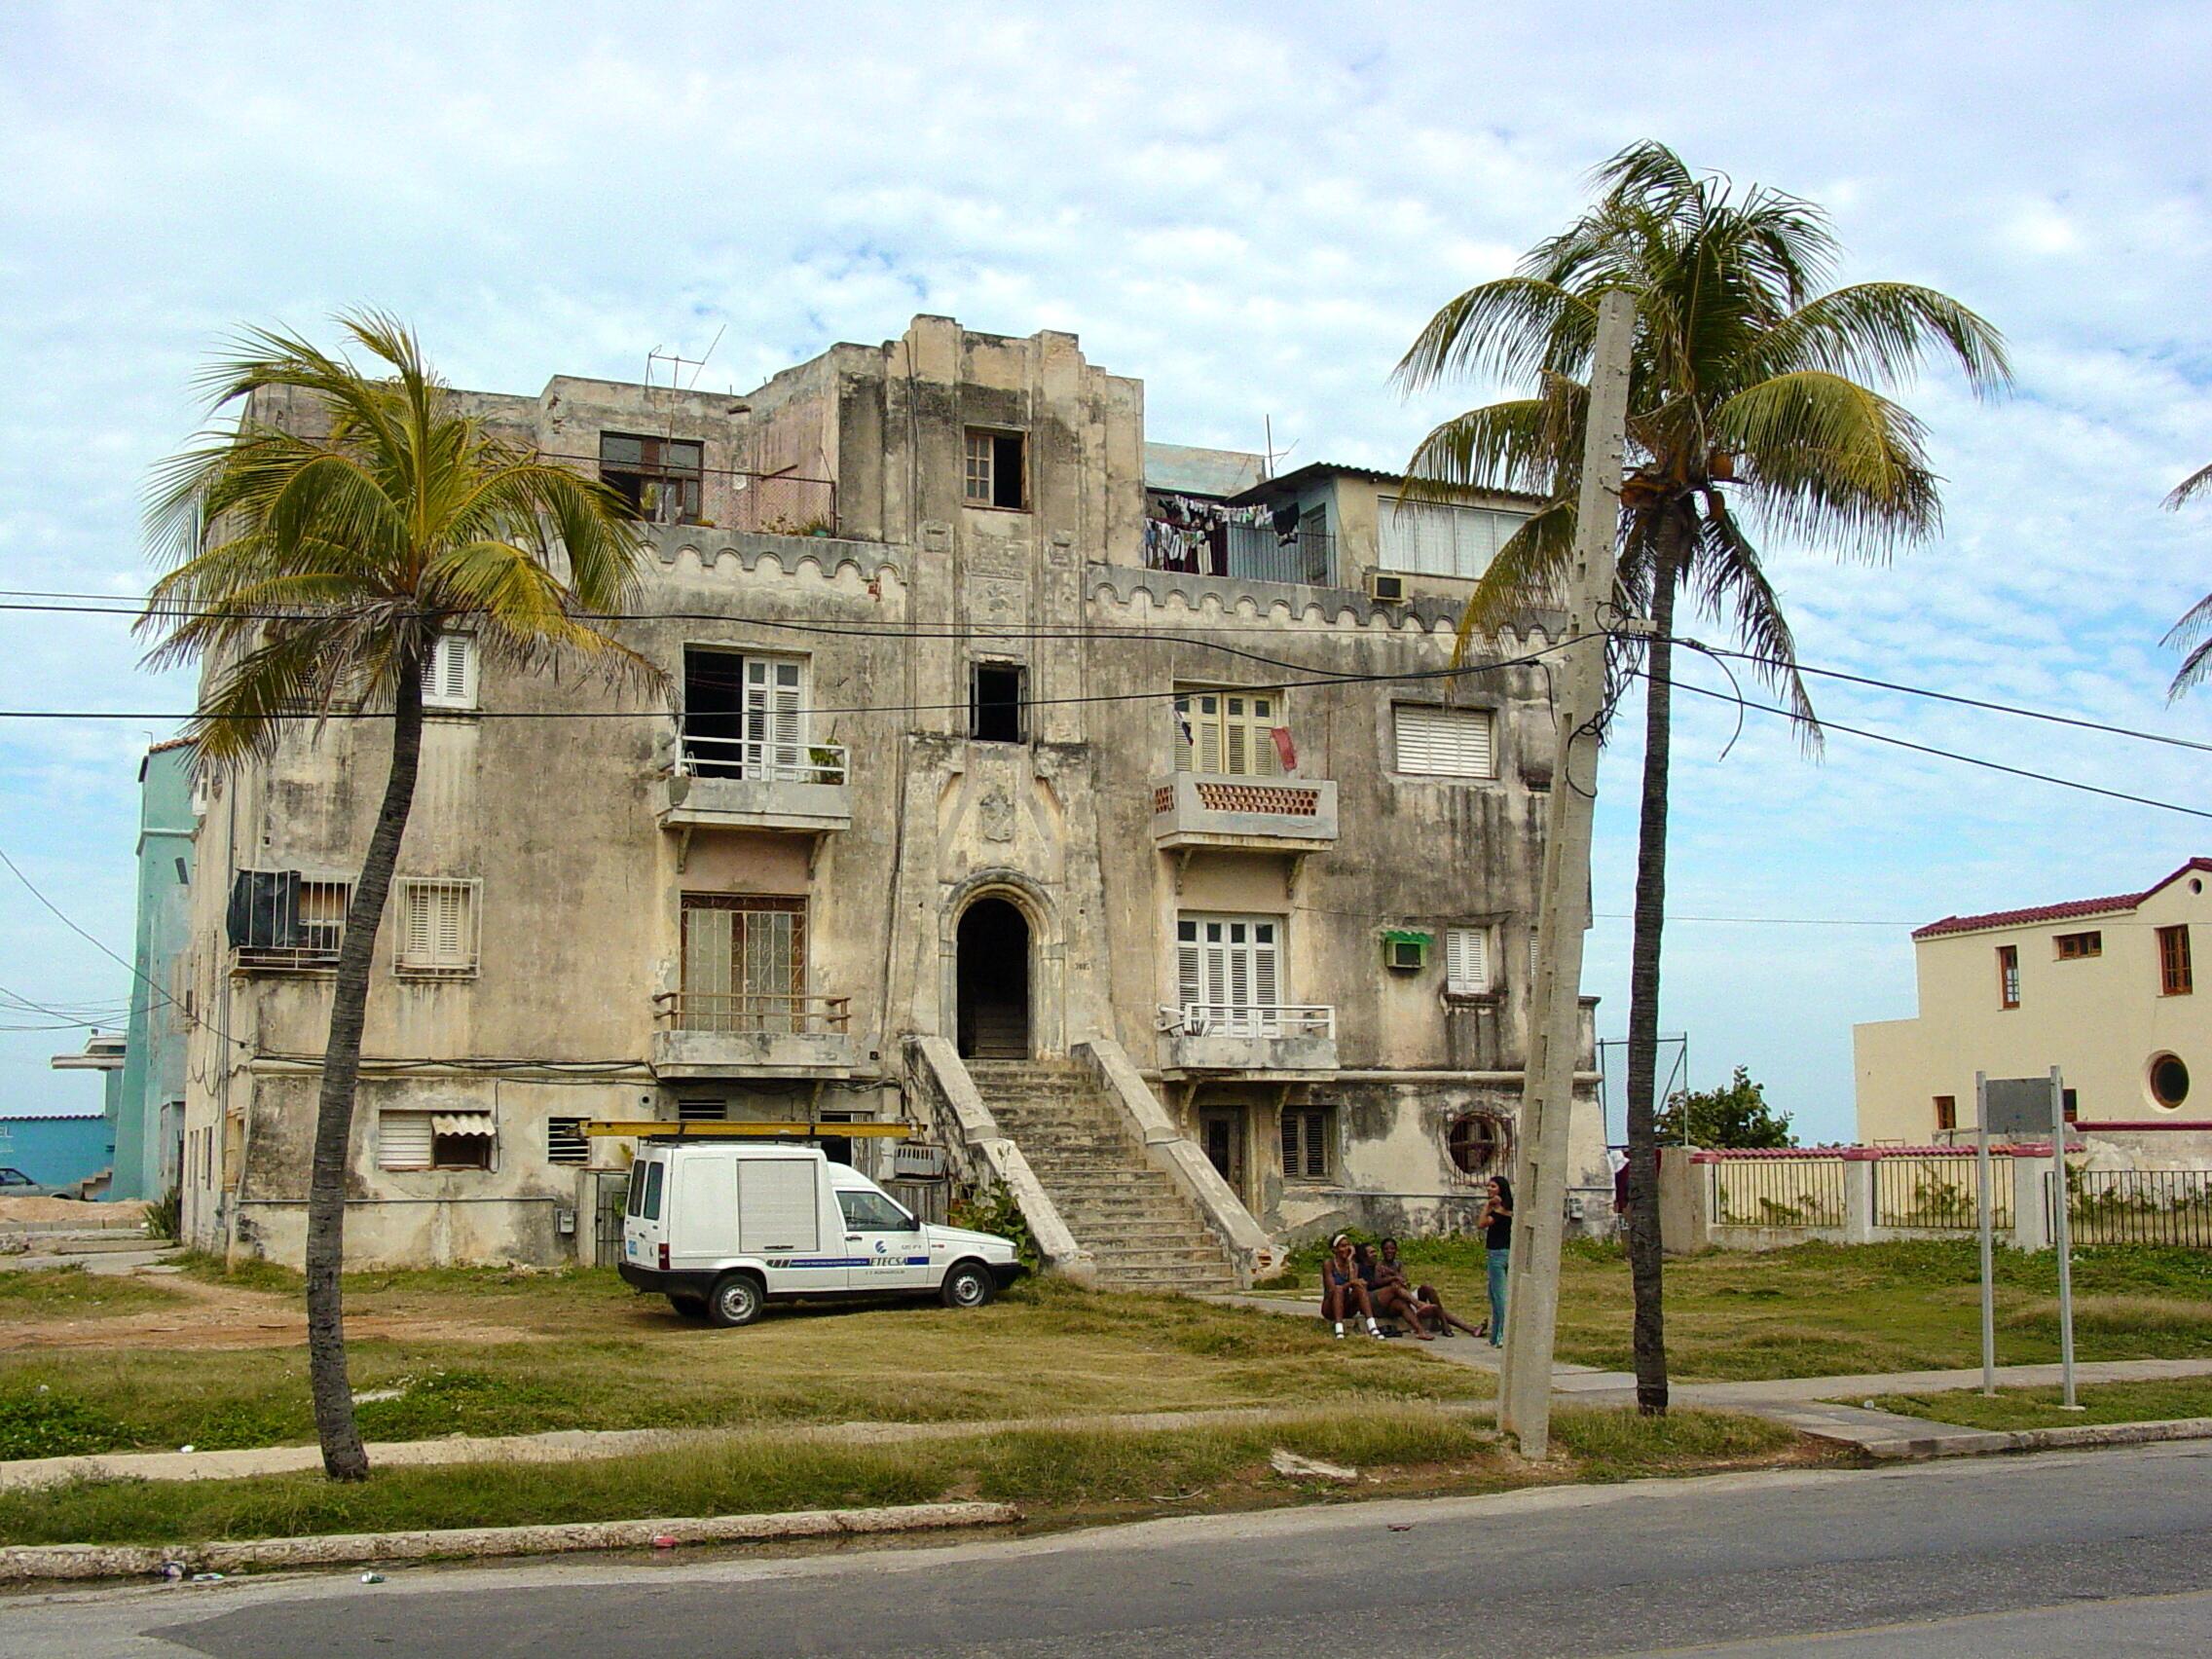 Descripción Facade with Palm Trees - Miramar - Havana - Cuba.jpg